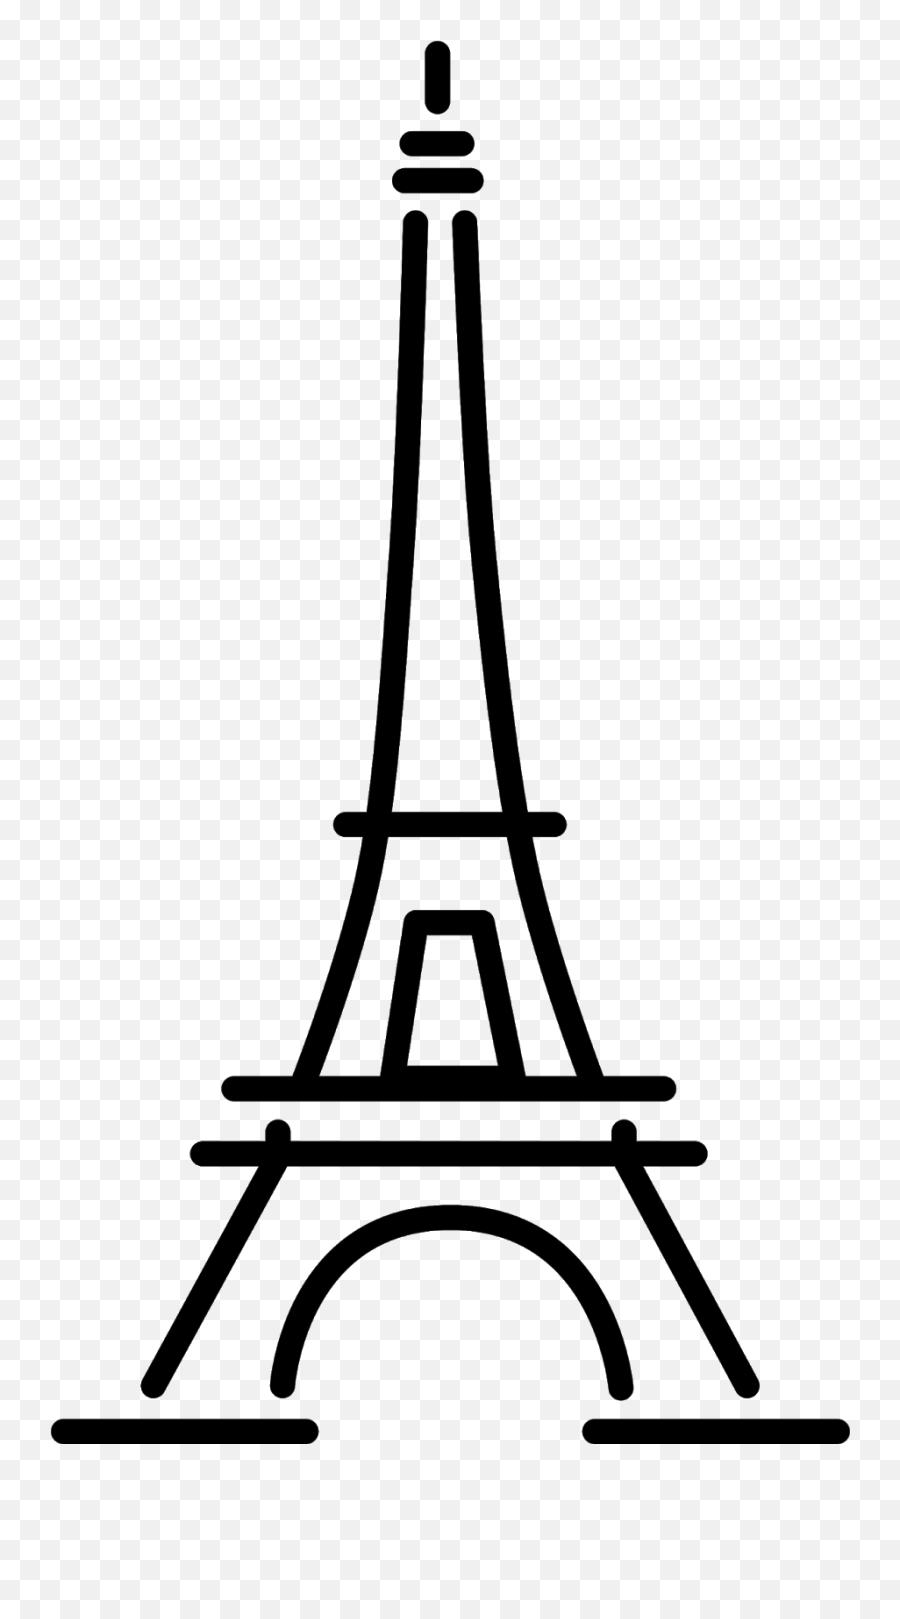 Paris France Eiffel Tower Europe - Clip Art Emoji,Eiffel Tower Emoji